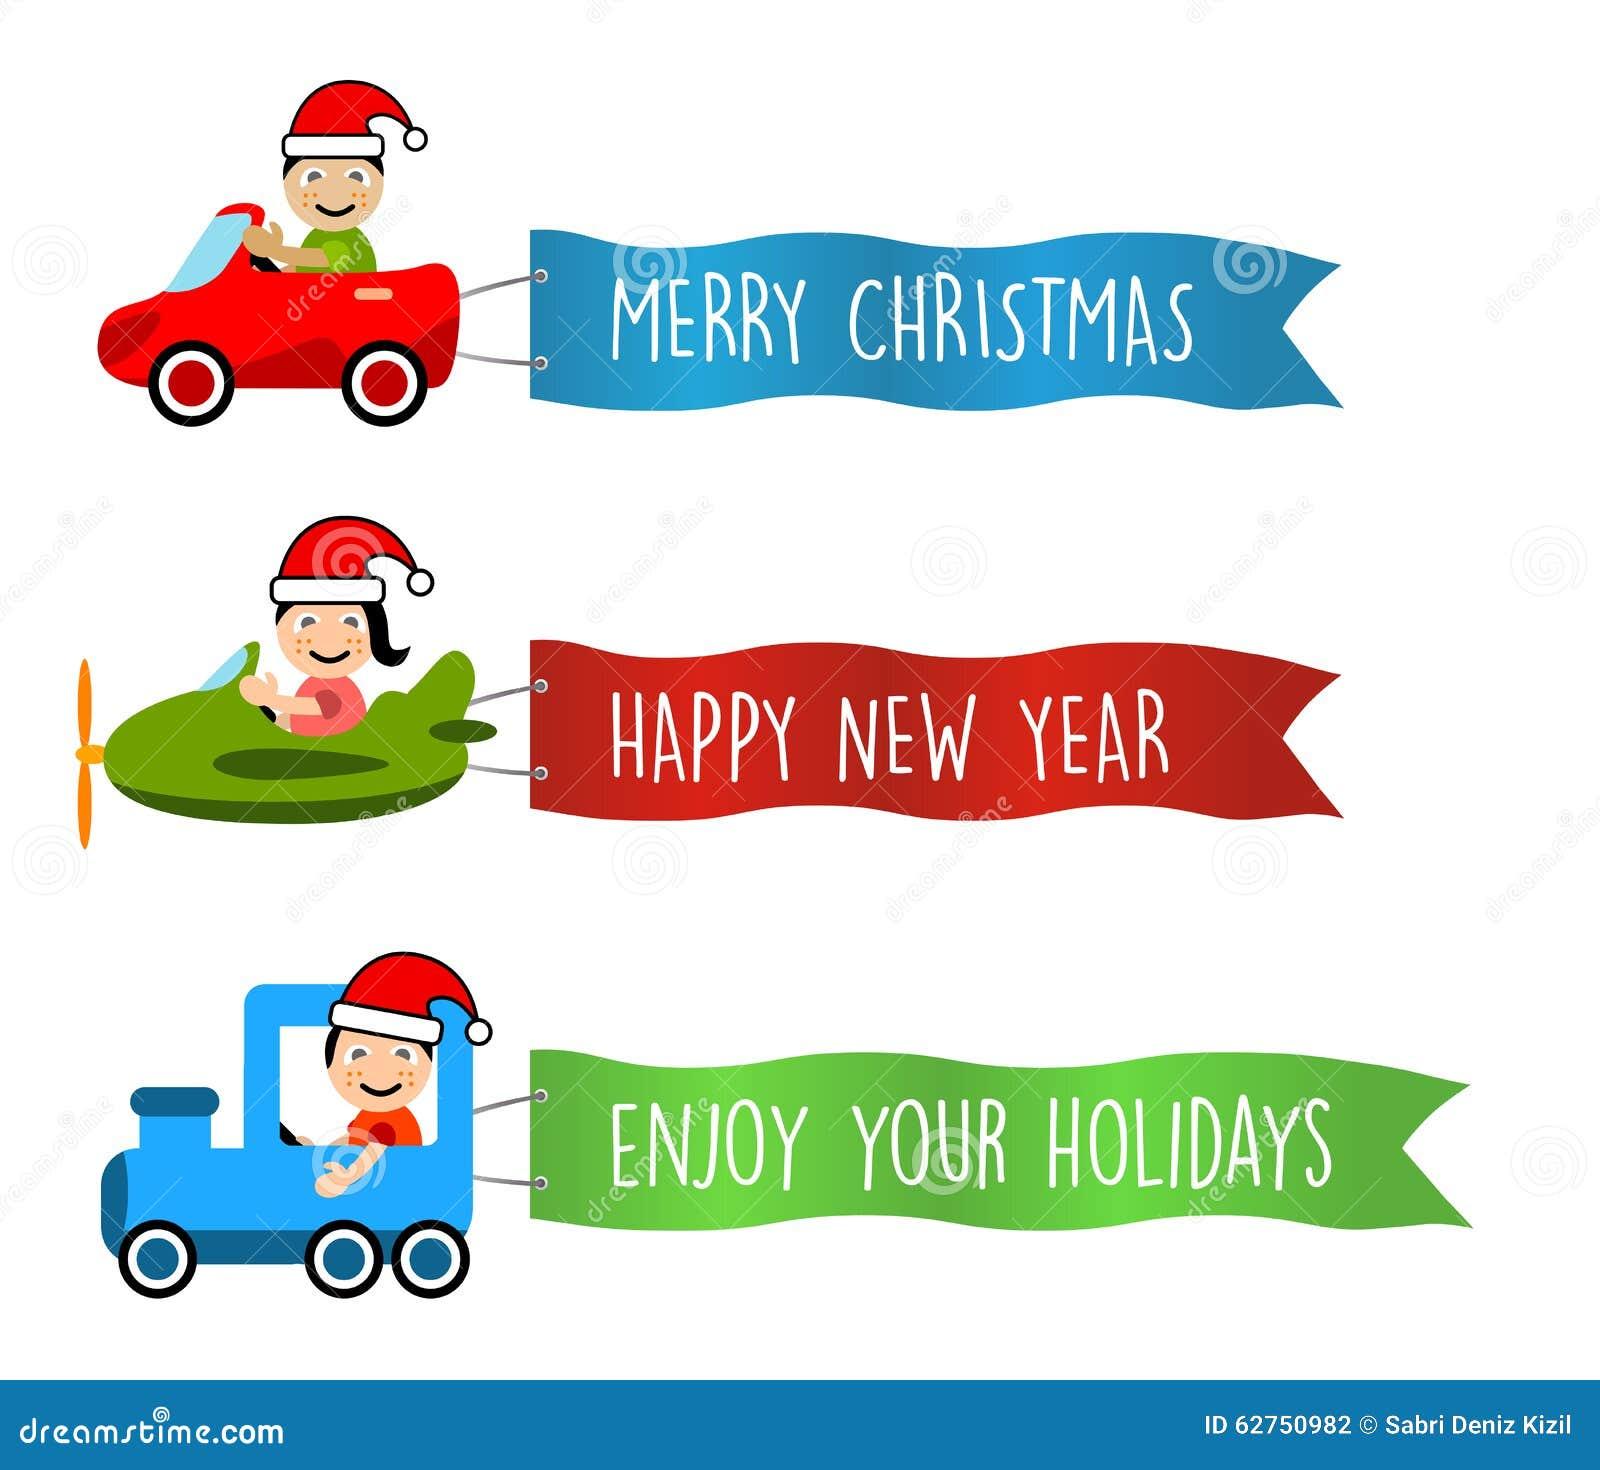 Fahrzeuge fliegt mit langen Fahnen für Weihnachten